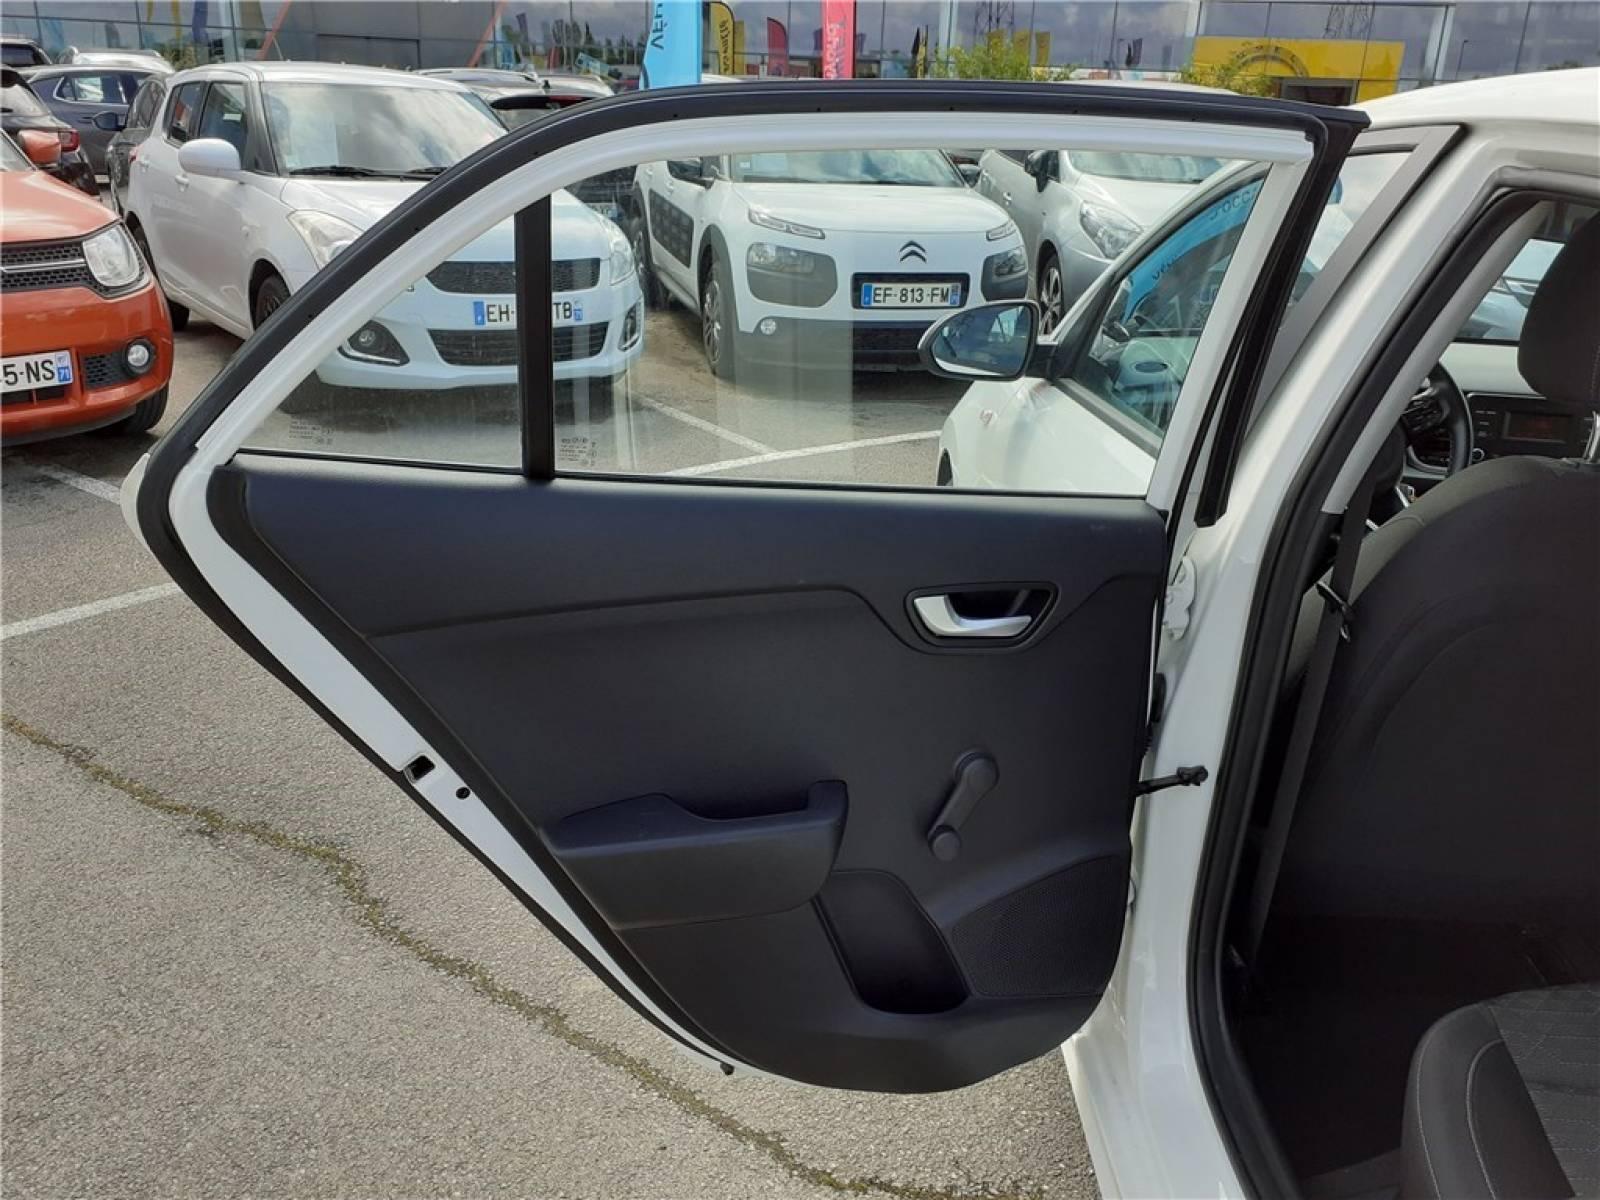 KIA Rio Business 1.2L 84 ch ISG - véhicule d'occasion - Groupe Guillet - Opel Magicauto - Montceau-les-Mines - 71300 - Montceau-les-Mines - 25